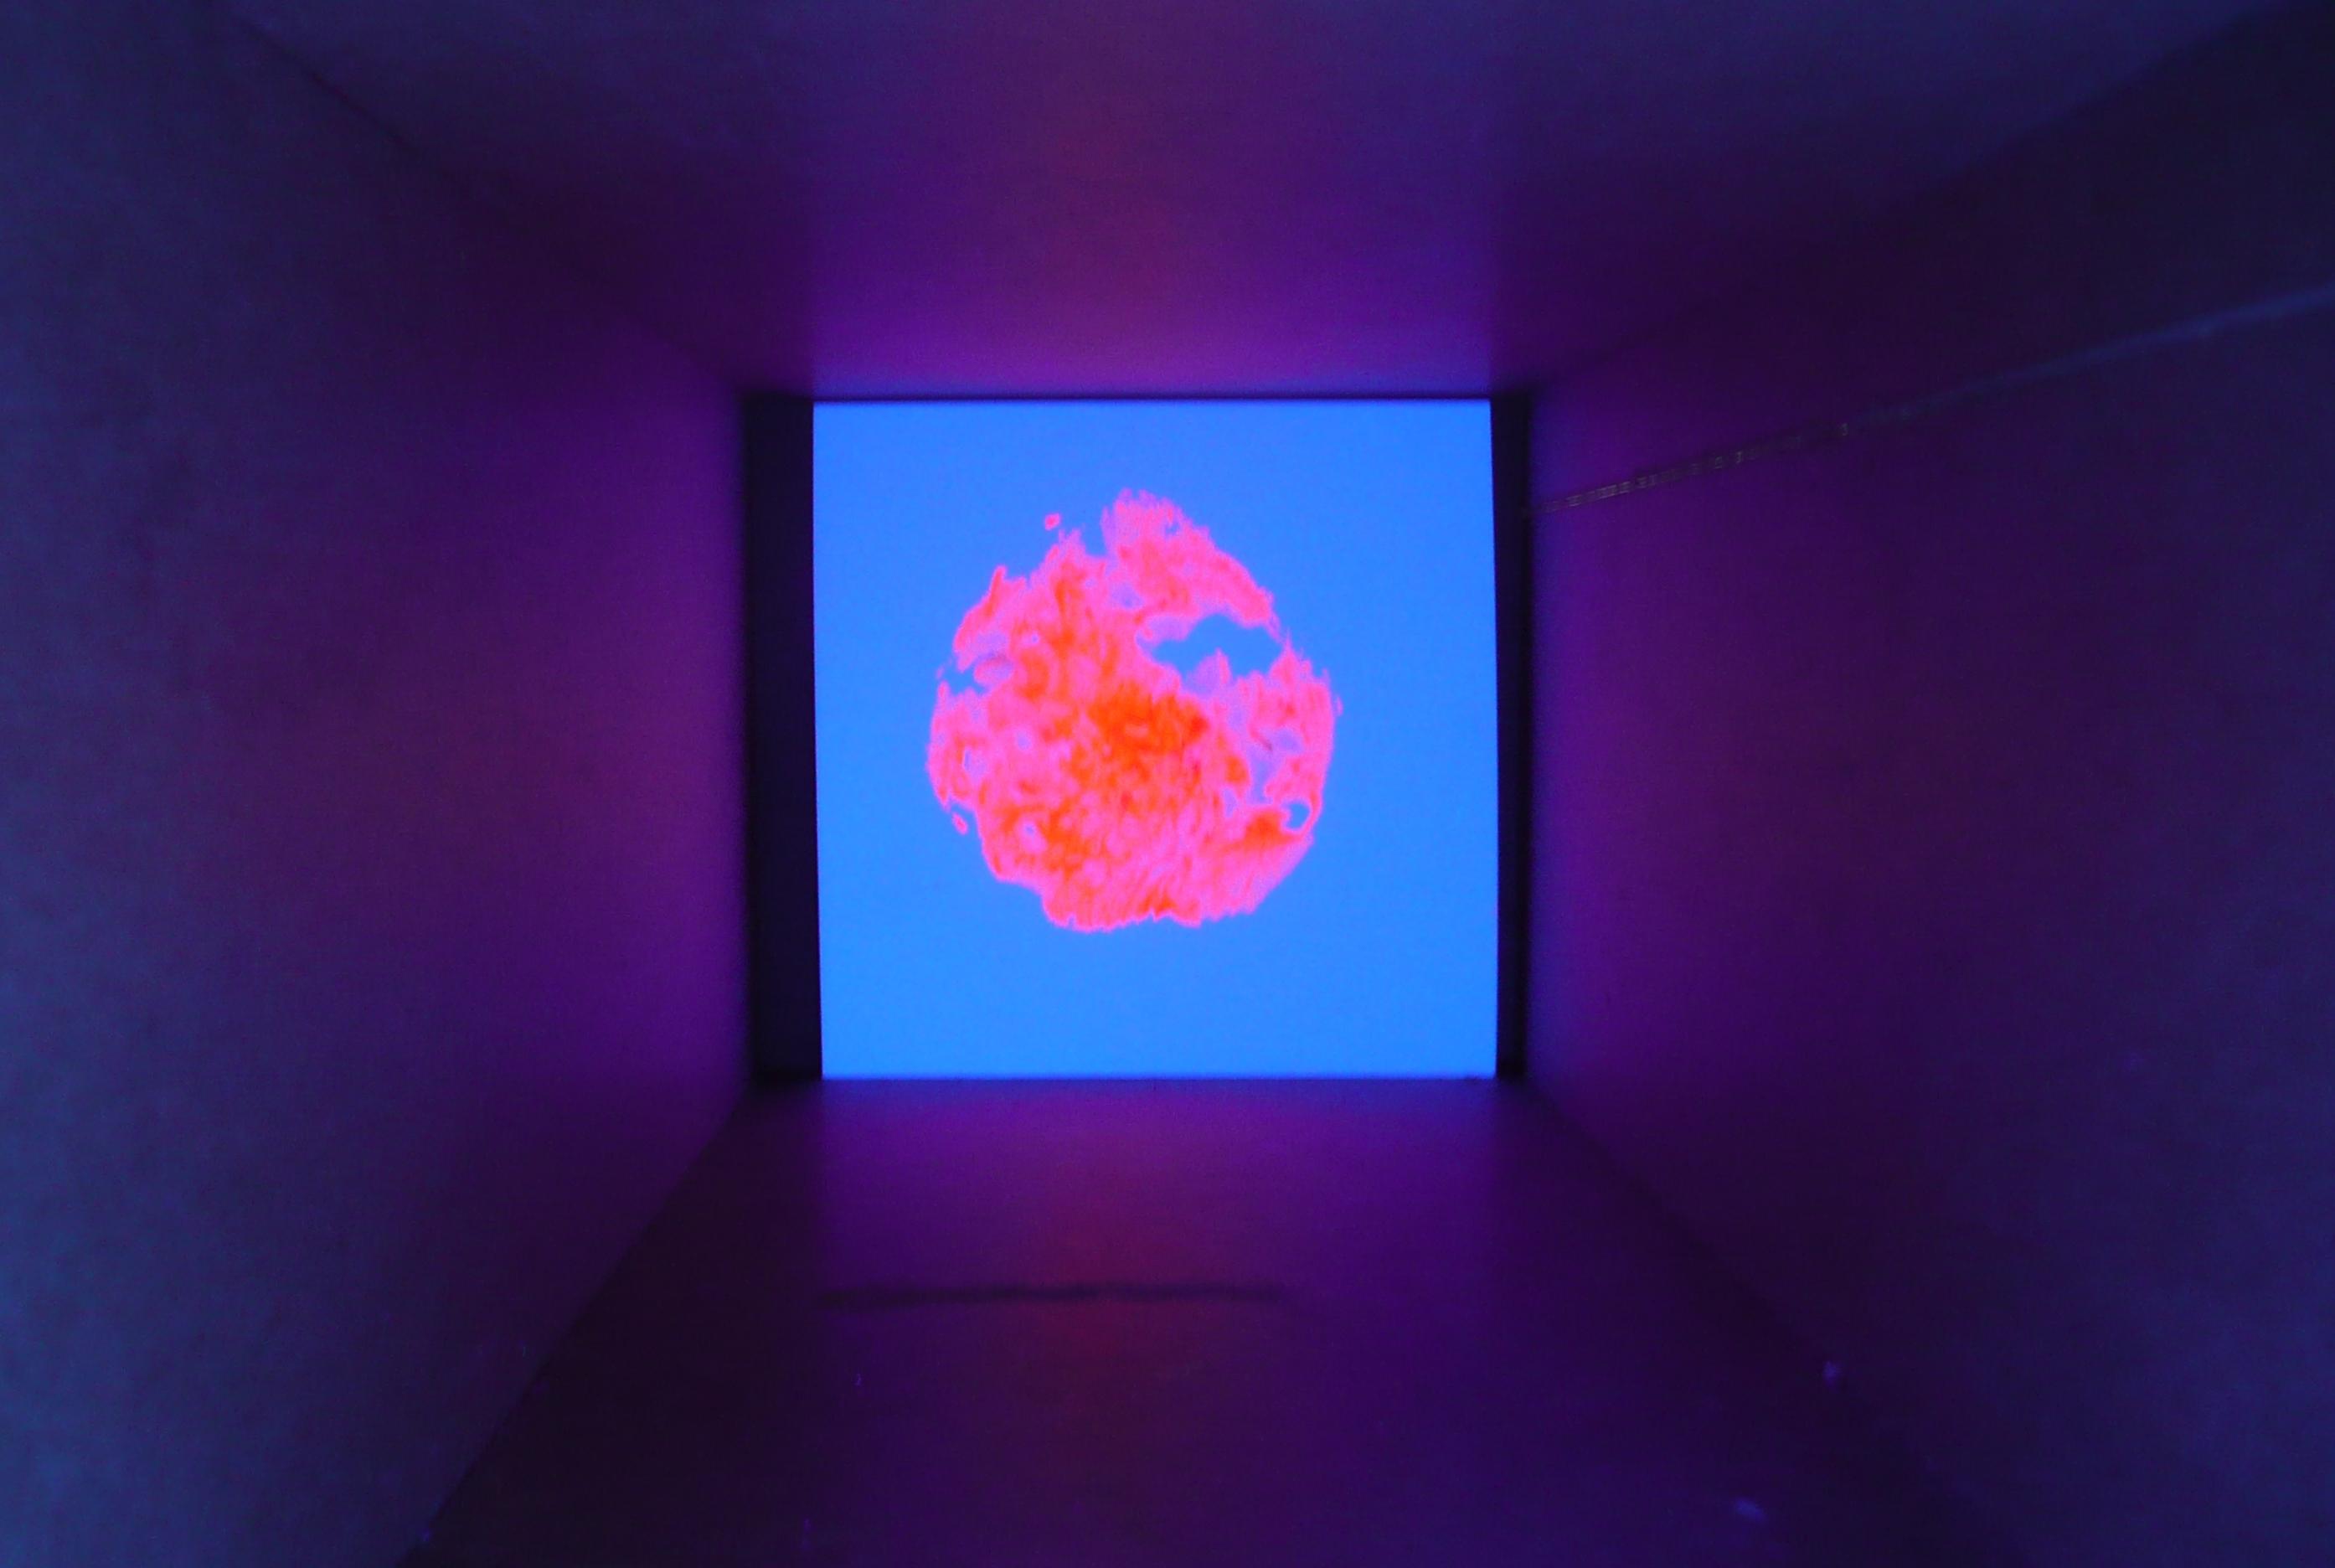 fluorescente-1_7845509488_o